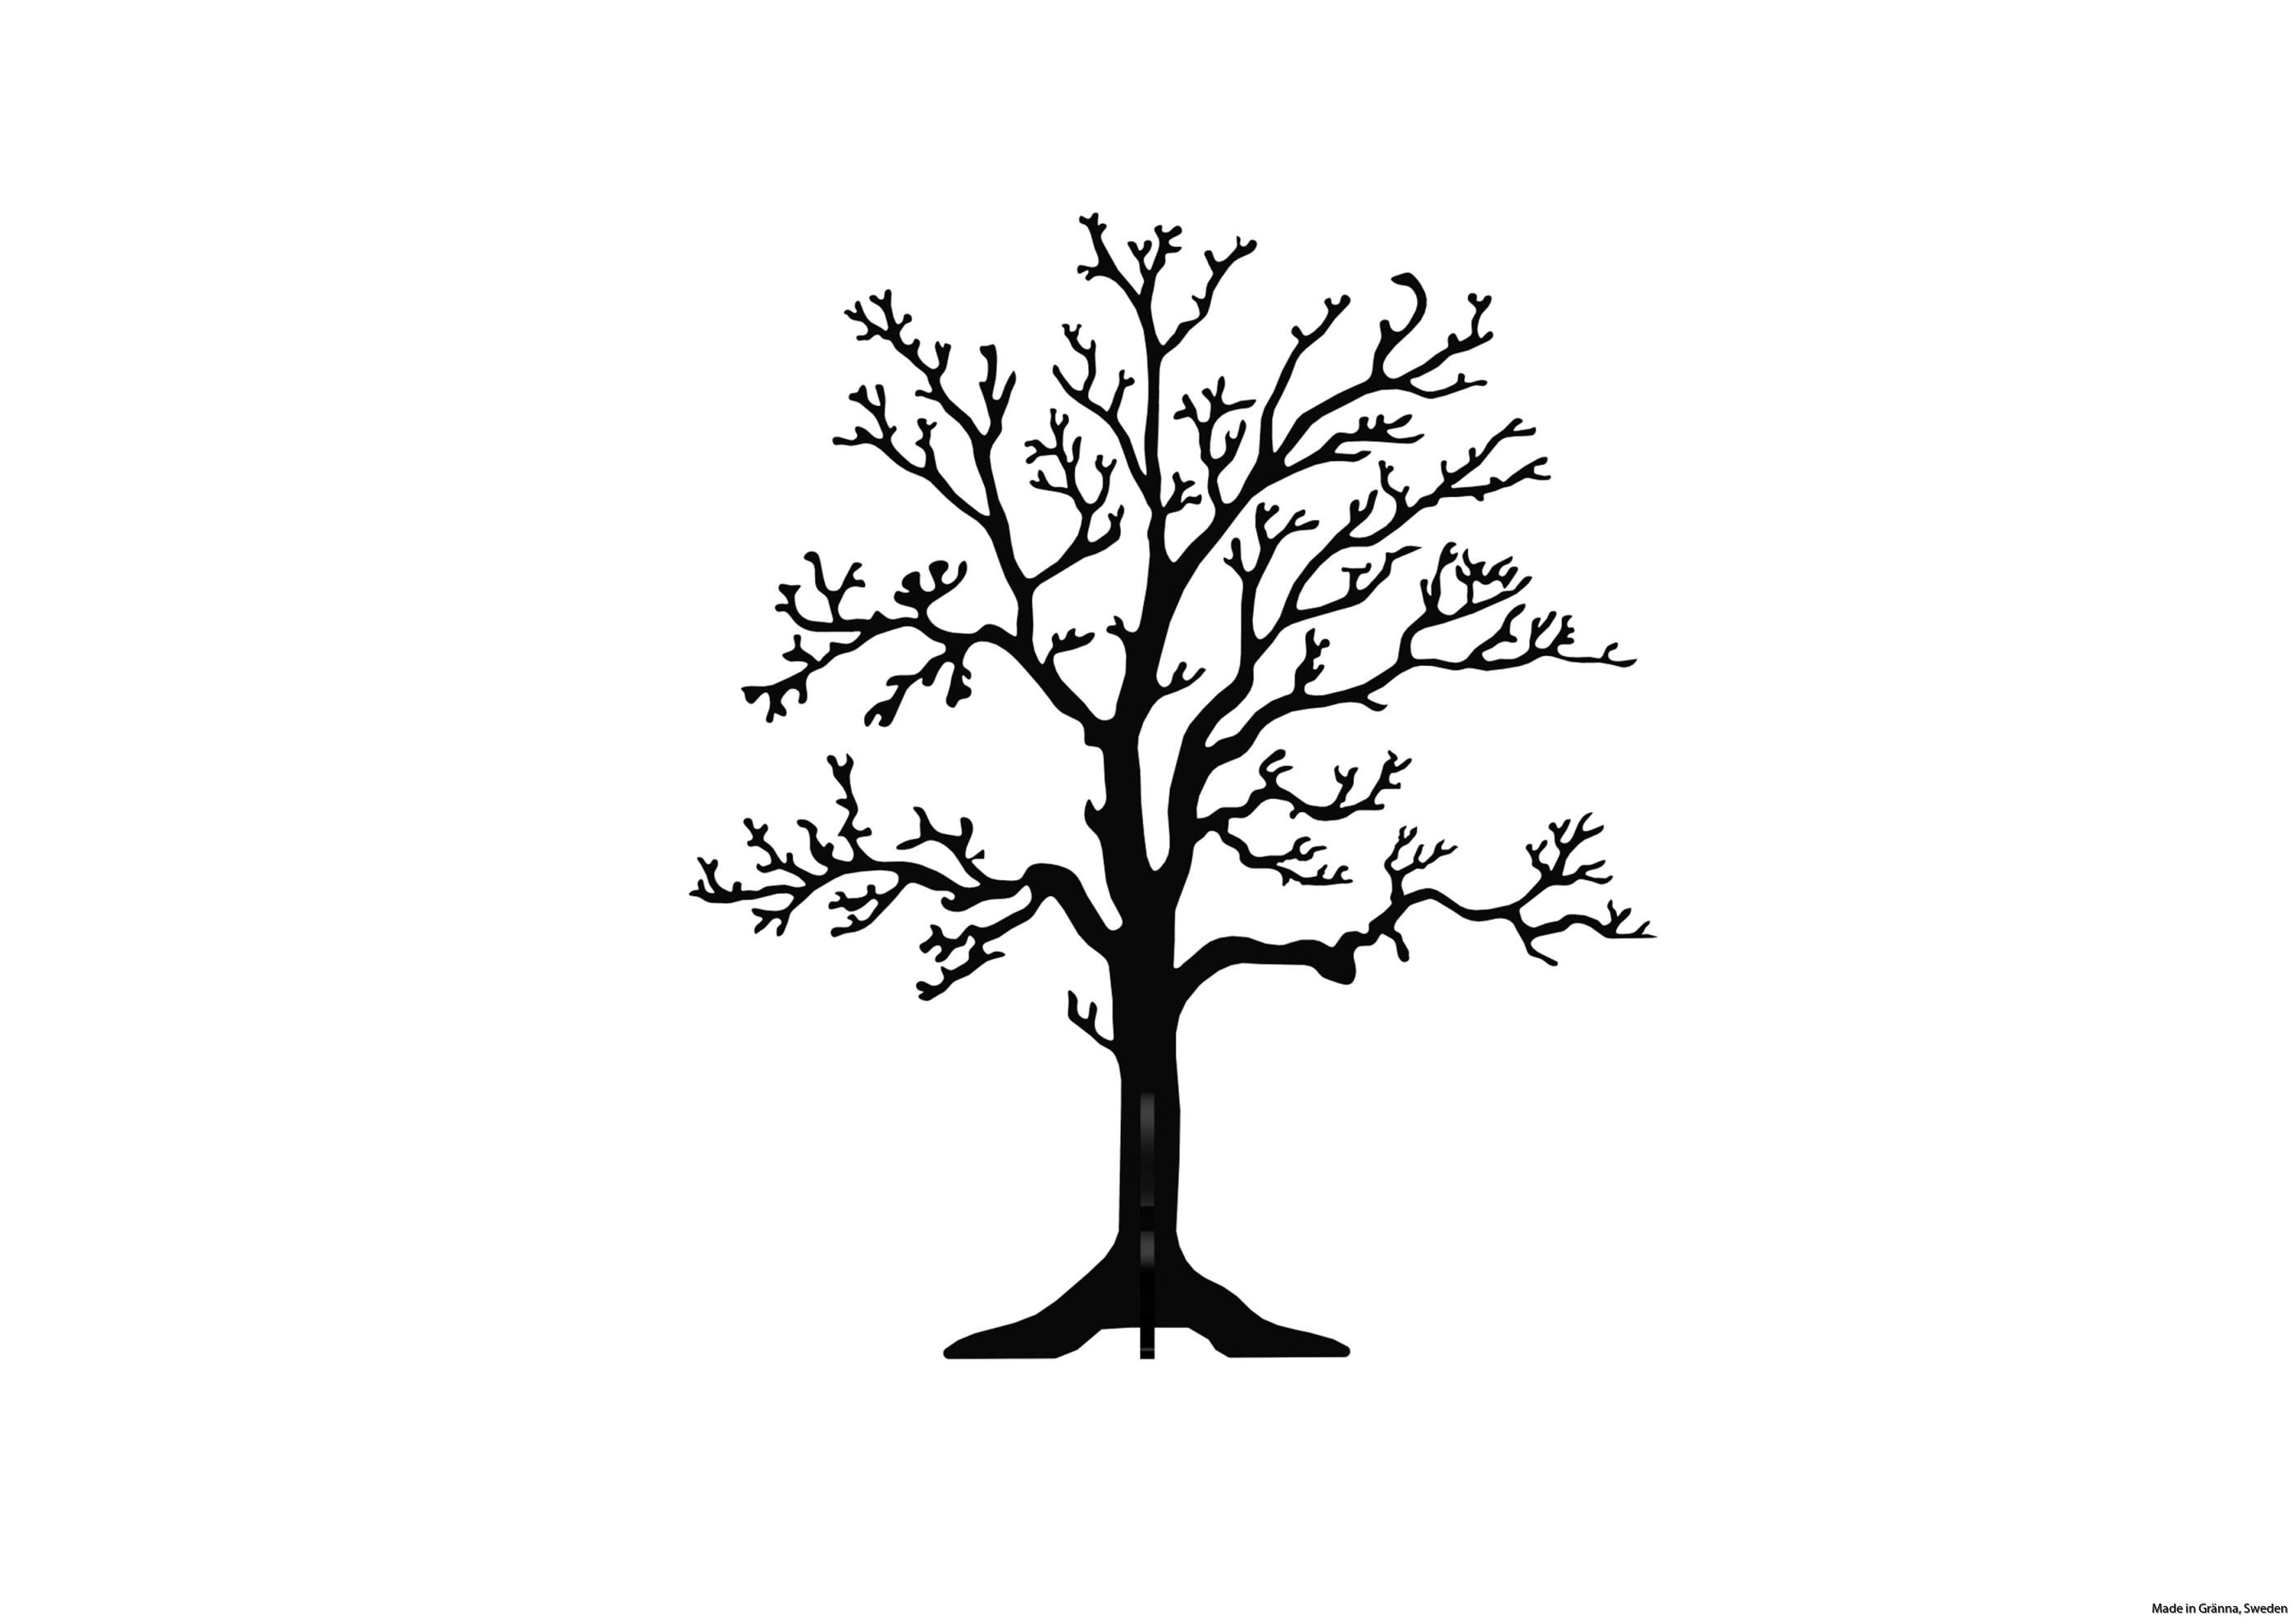 Svart träd på fot framifrån